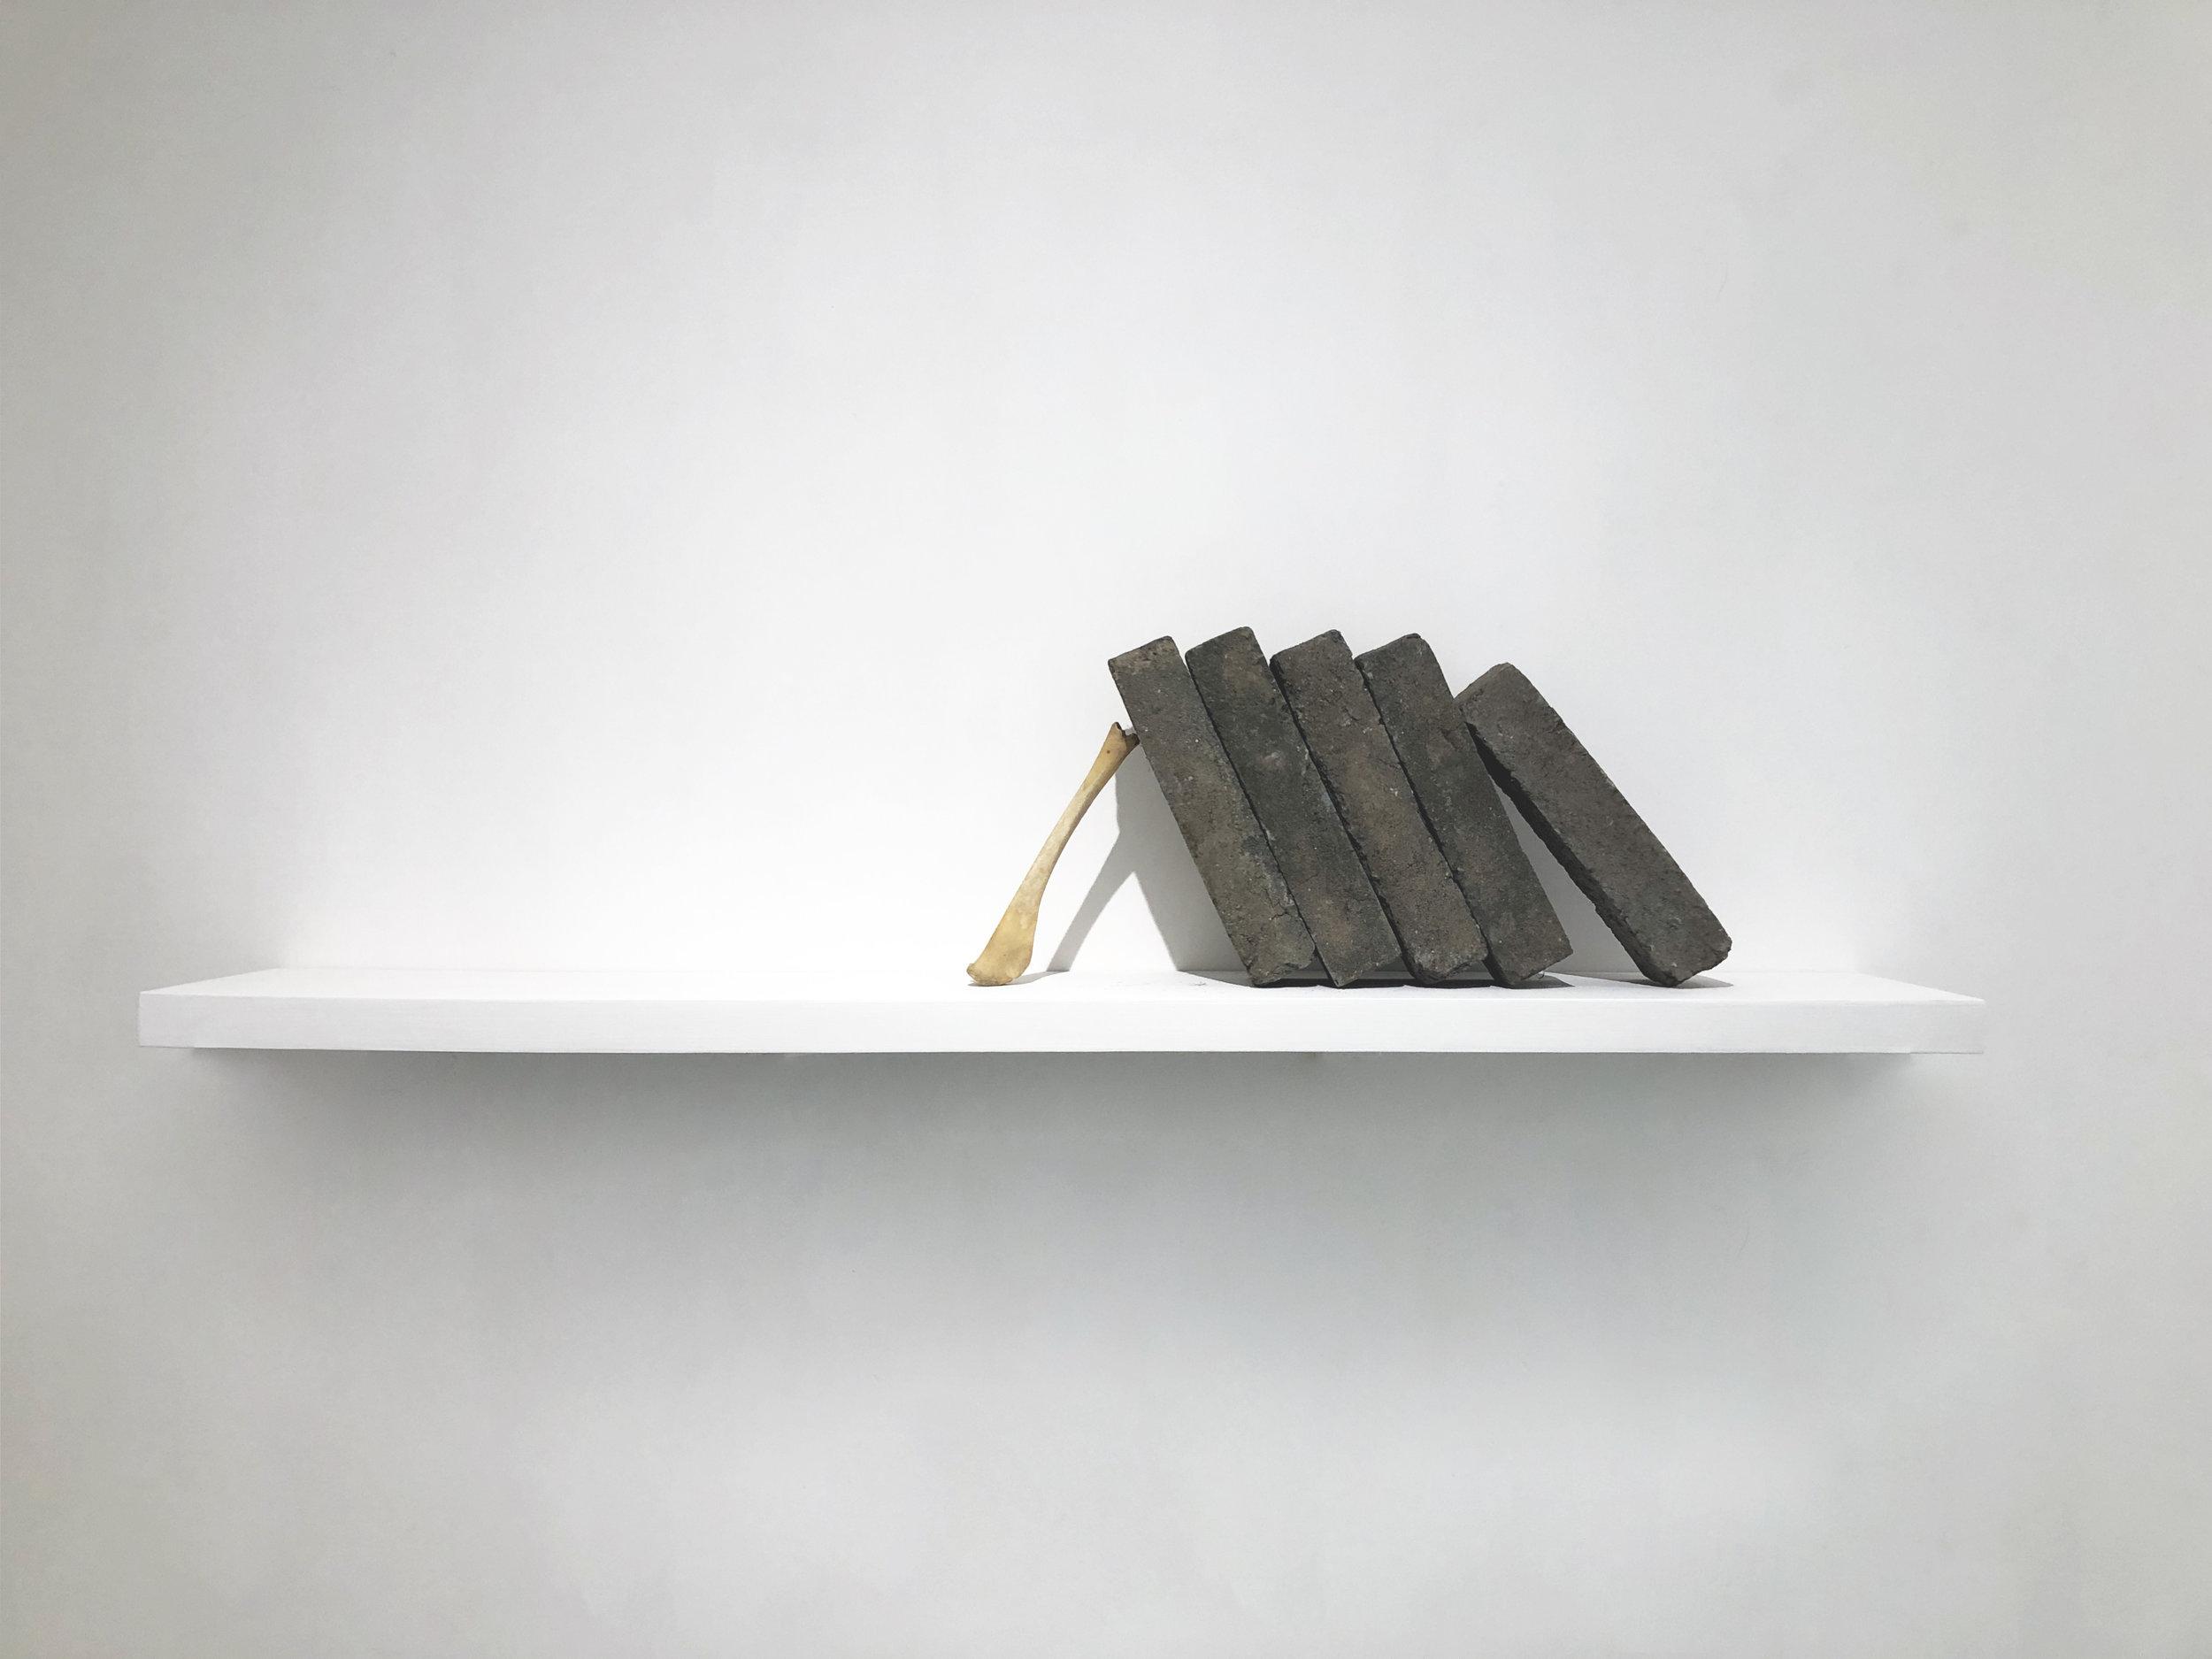 Xiao Yu, Landscape No. 5, Brick, Animal Bones, Dimension Variable, 2011